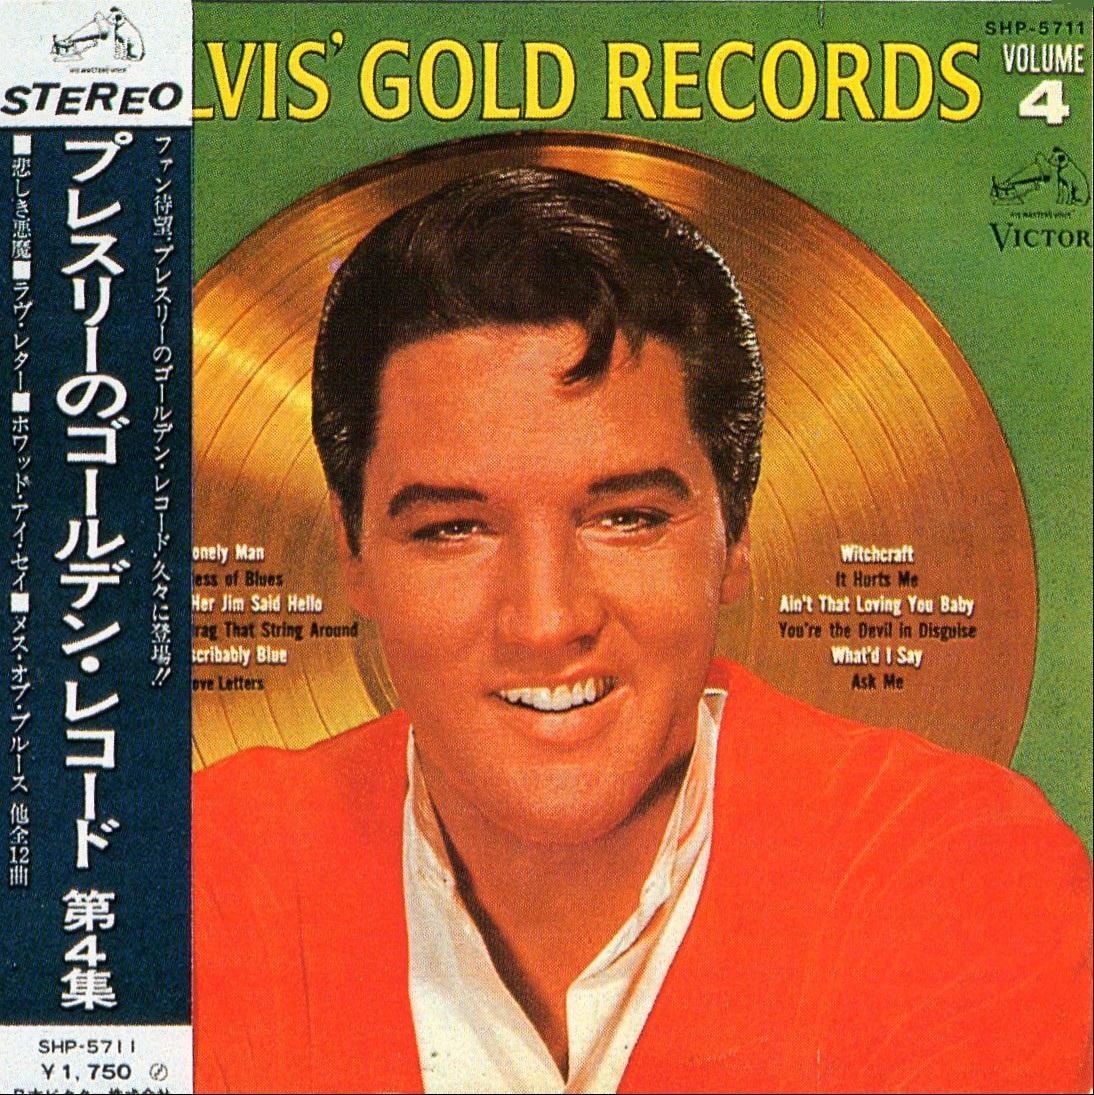 Diskografie Japan 1955 - 1977 Shp-5711stj9p